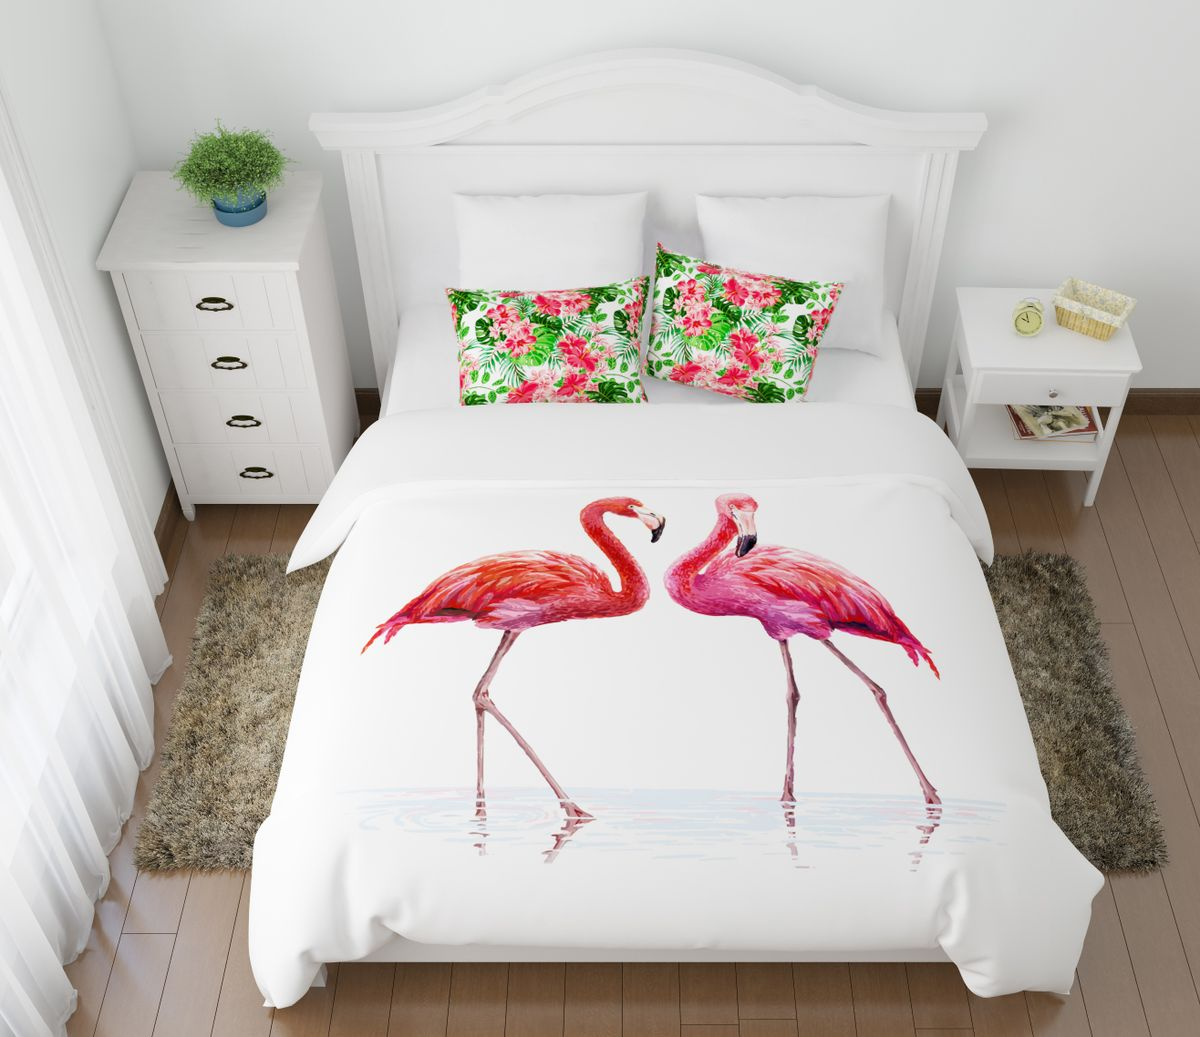 Комплект белья Сирень Фламинго, евро, наволочки 50x70, 70х7008584-КПБЕ-МКомплект постельного белья Сирень выполнен из прочной и мягкой ткани. Четкий и стильный рисунок в сочетании с насыщенными красками делают комплект постельного белья неповторимой изюминкой любого интерьера.Постельное белье идеально подойдет для подарка. Идеальное соотношение смешенной ткани и гипоаллергенных красок - это гарантия здорового, спокойного сна. Ткань хорошо впитывает влагу, надолго сохраняет яркость красок.В комплект входят: простынь, пододеяльник, четыре наволочки. Постельное белье легко стирать при 30-40°С, гладить при 150°С, не отбеливать. Рекомендуется перед первым использованием постирать.УВАЖАЕМЫЕ КЛИЕНТЫ! Обращаем ваше внимание, что цвет простыни, пододеяльника, наволочки в комплектации может немного отличаться от представленного на фото.